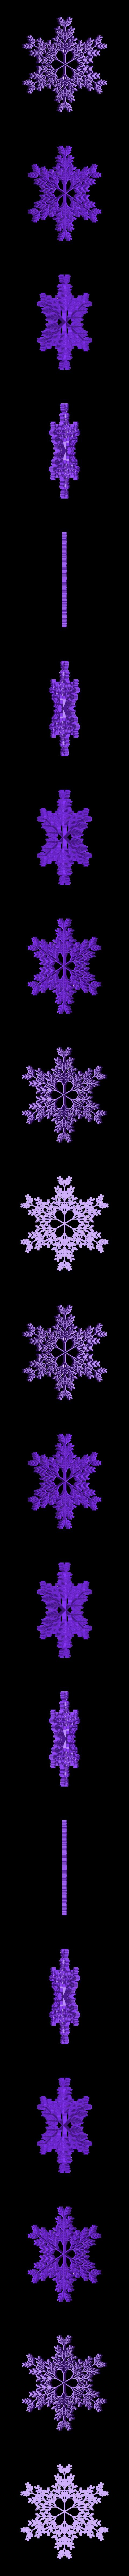 recursive_snowflake_3.stl Télécharger fichier STL gratuit Flocon de neige récursif dans BlocksCAD • Plan pour impression 3D, arpruss